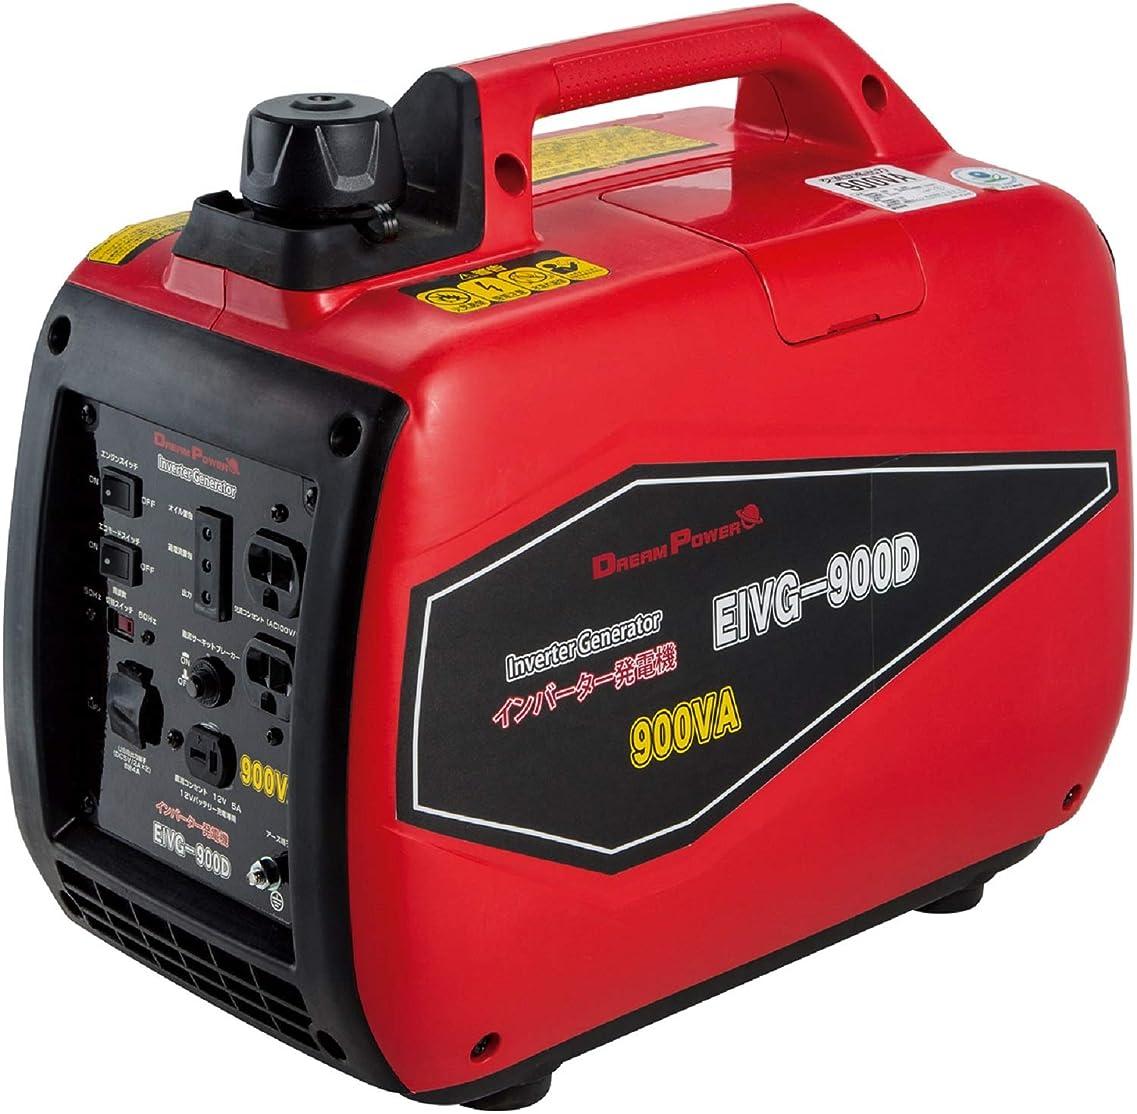 スワップ論理おばあさんナカトミ インバーター発電機 軽量 コンパクト EIVG-900D